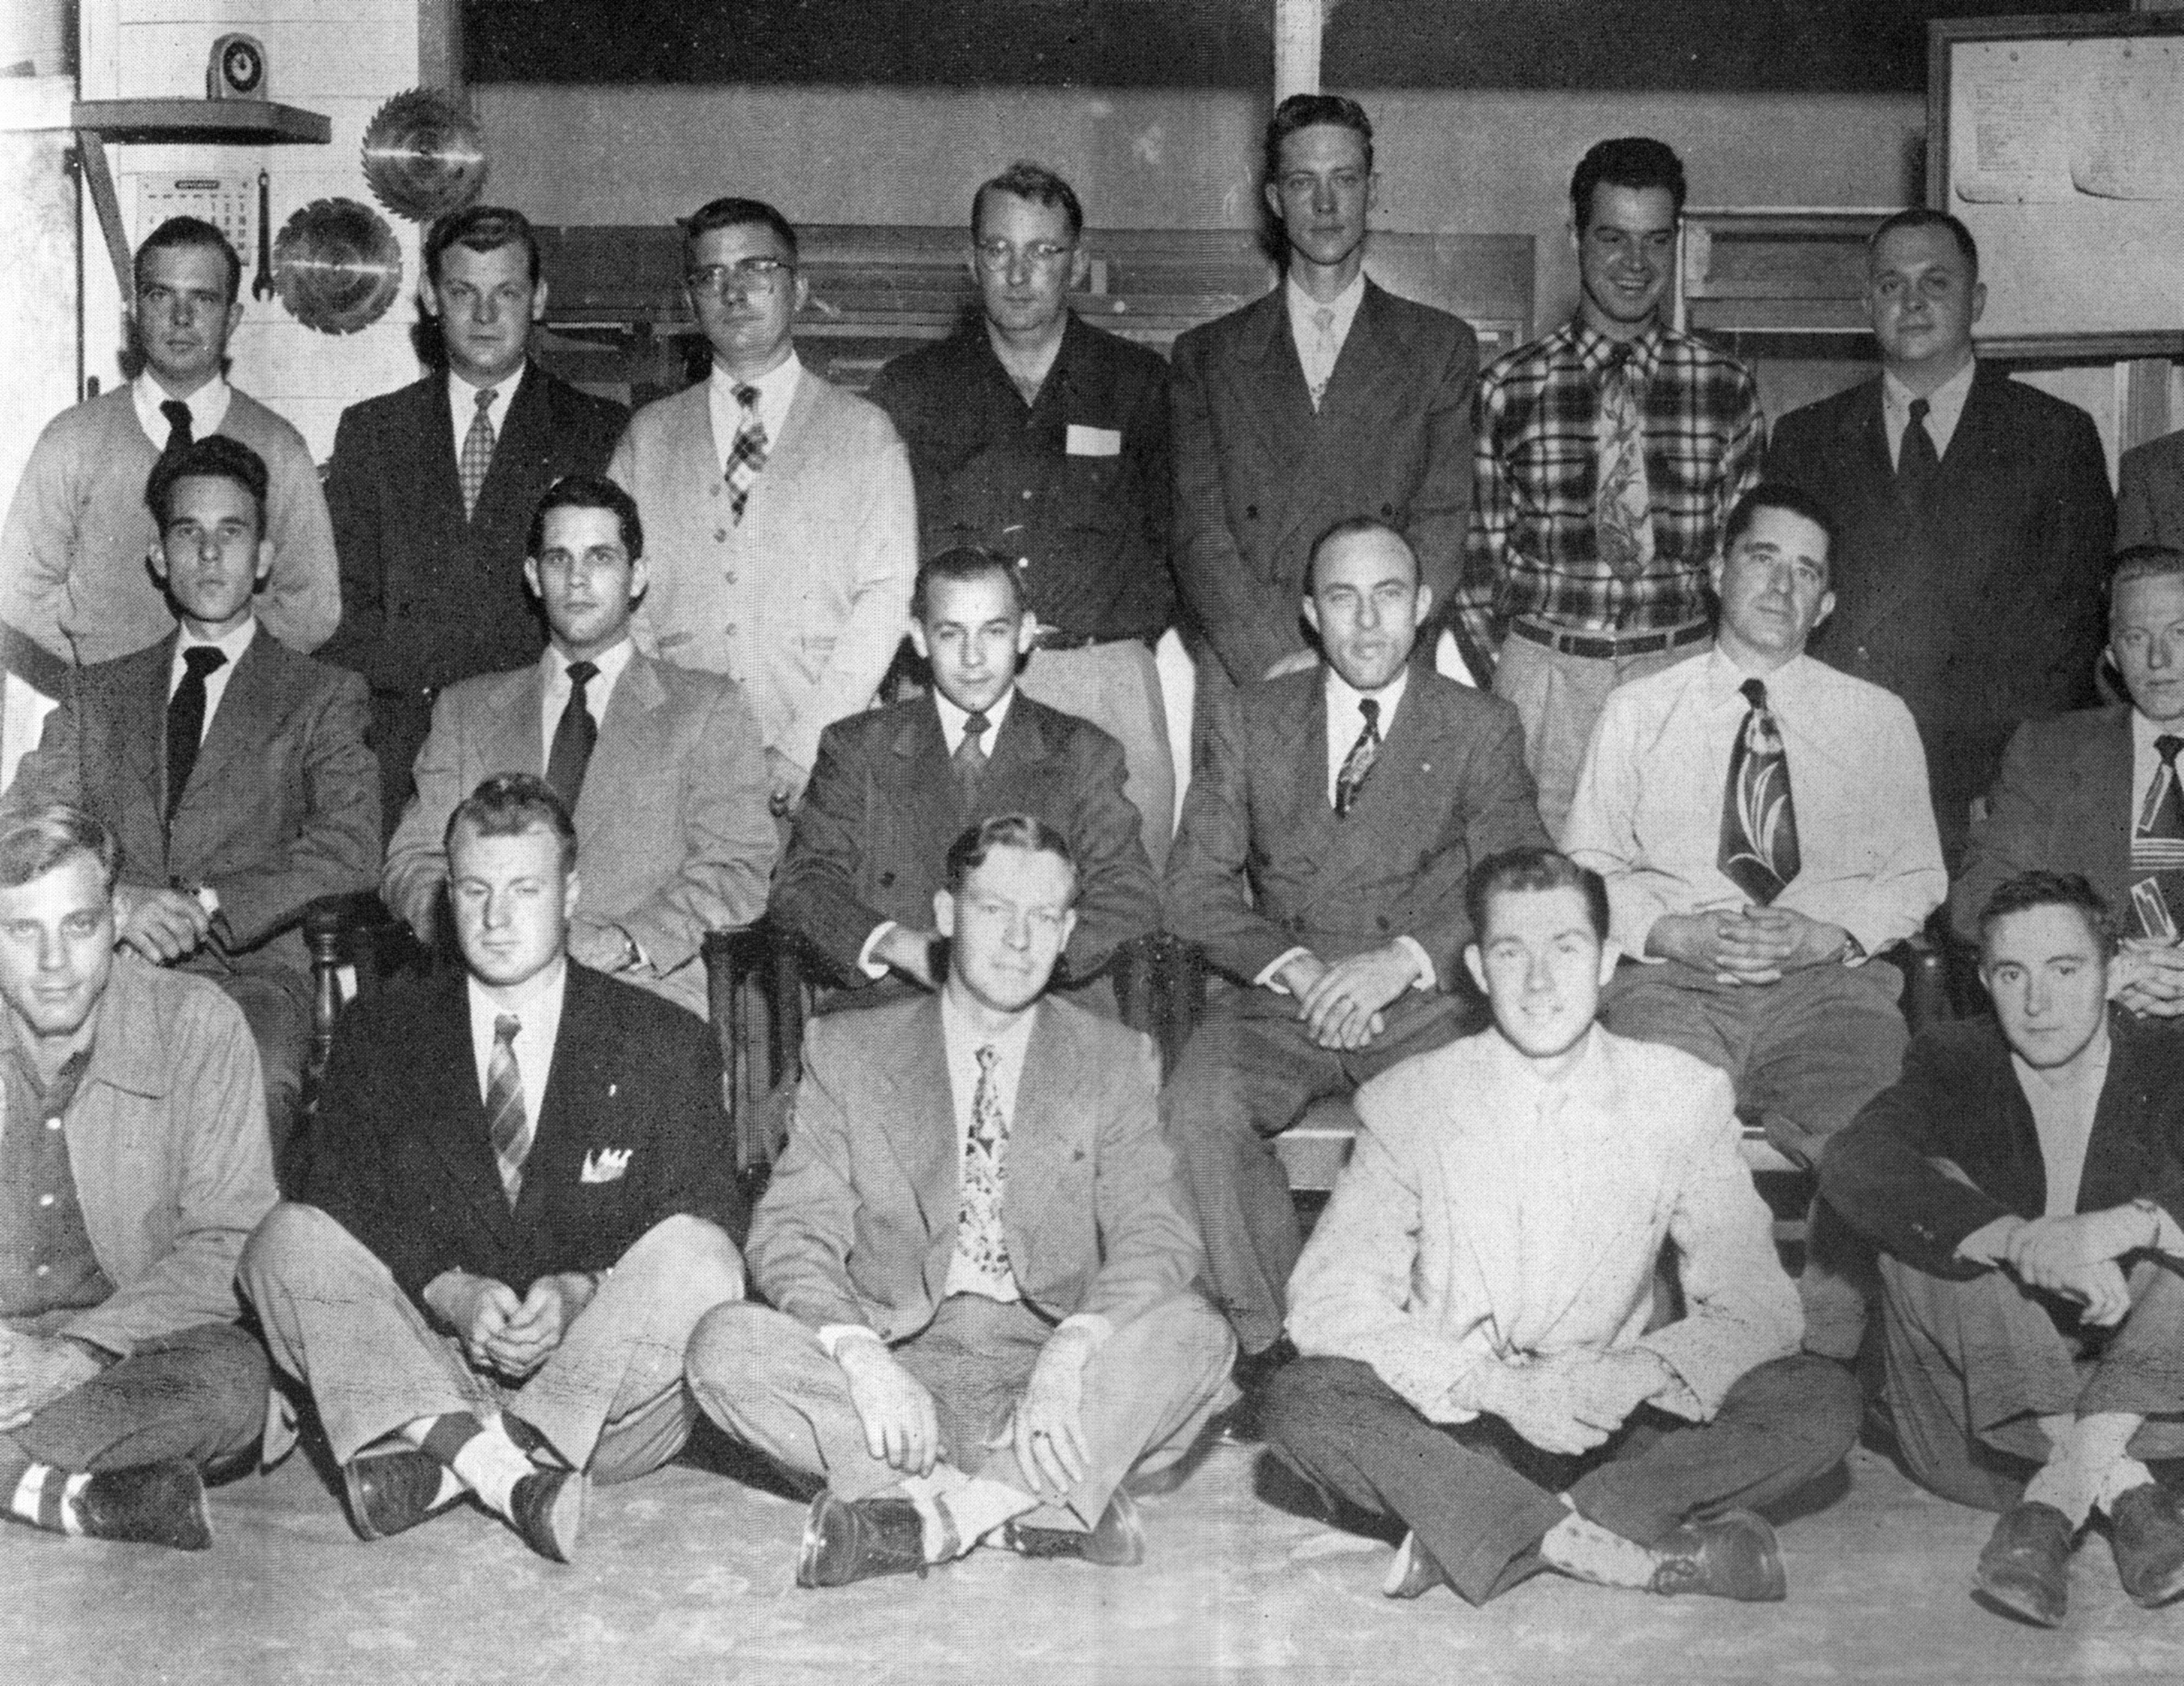 1951 Cadet School Magee 1st school